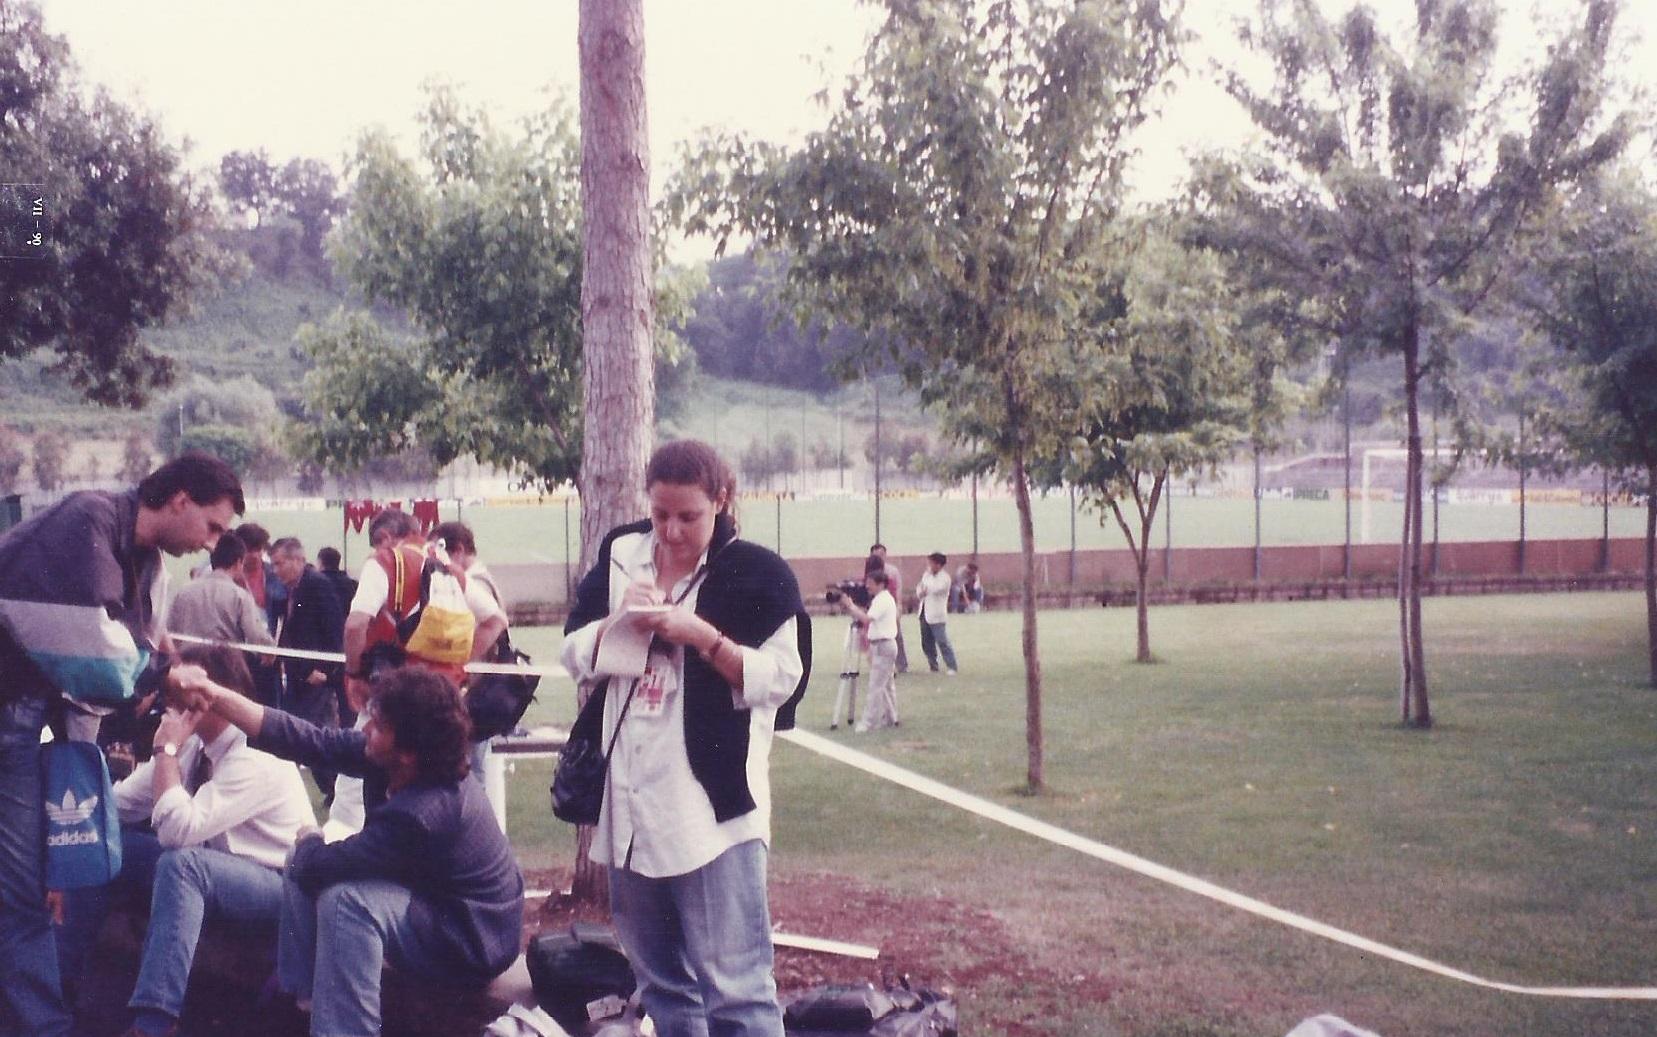 Treino da Copa do Mundo de 1990: primeira repórter de jornal a cobrir o evento (Foto arquivo pessoal)